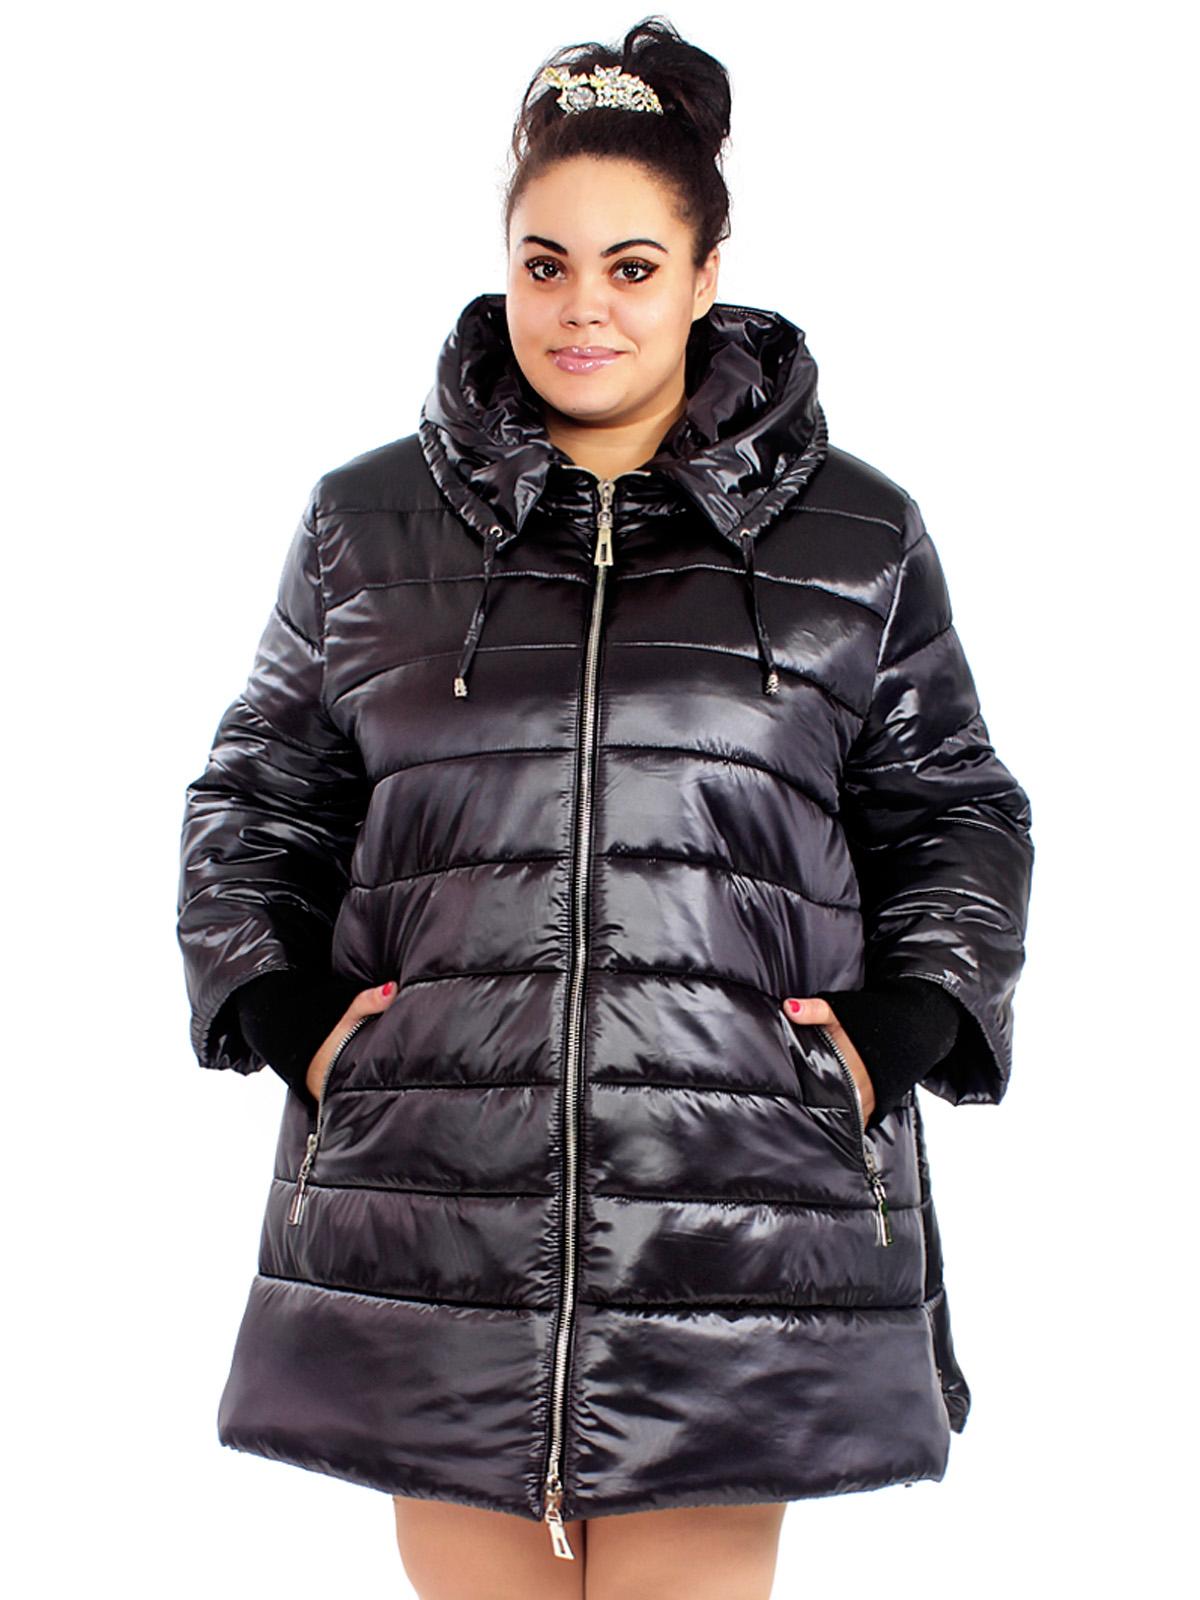 Купить Куртку 62 Размеров